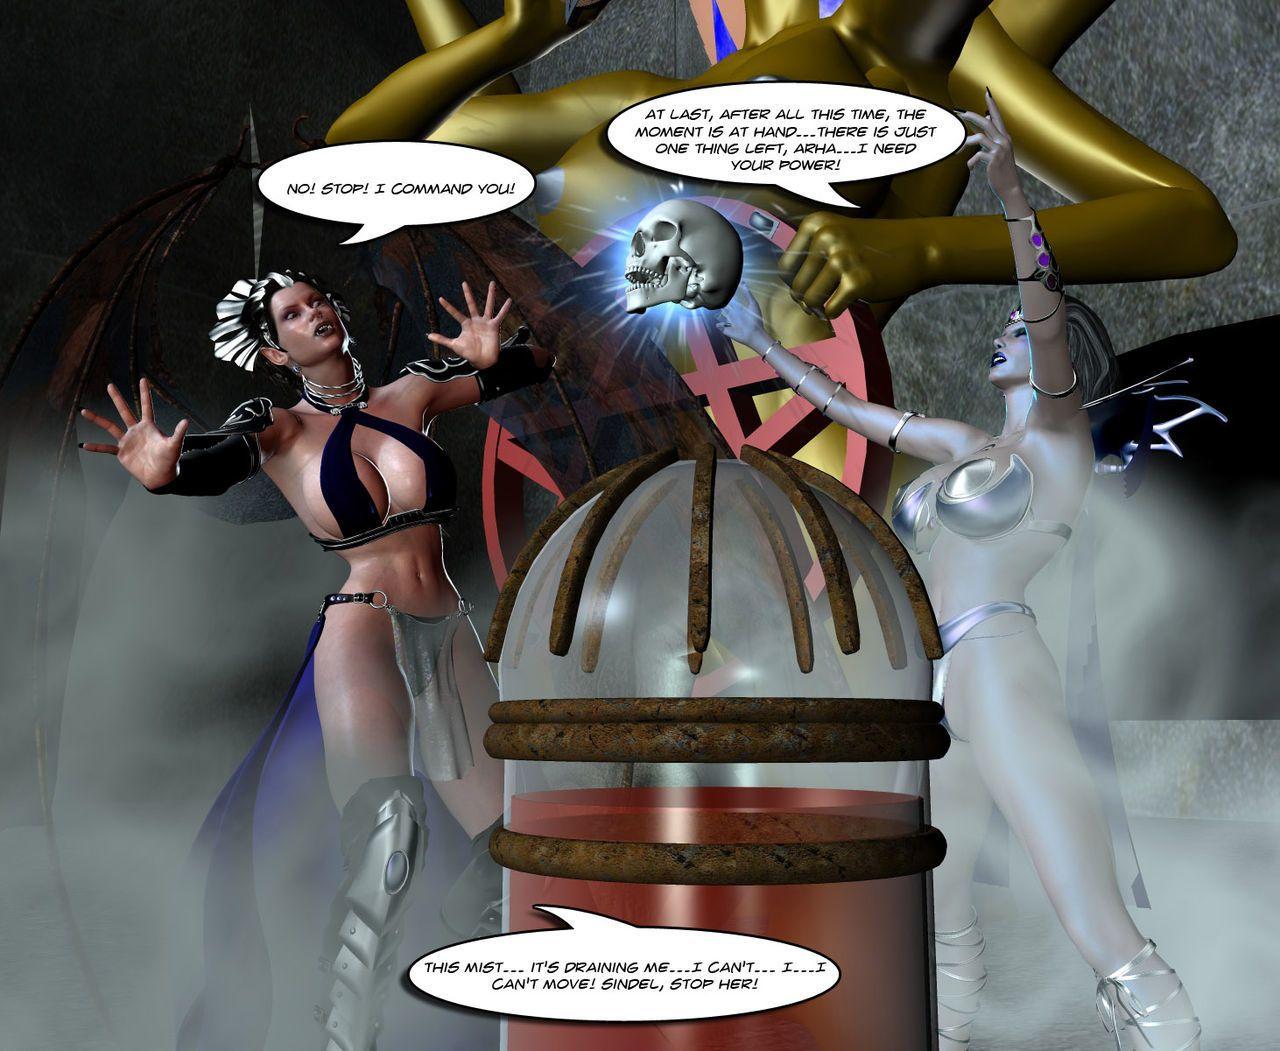 [Uroboros] Inner Universe 41 - 76 - part 9